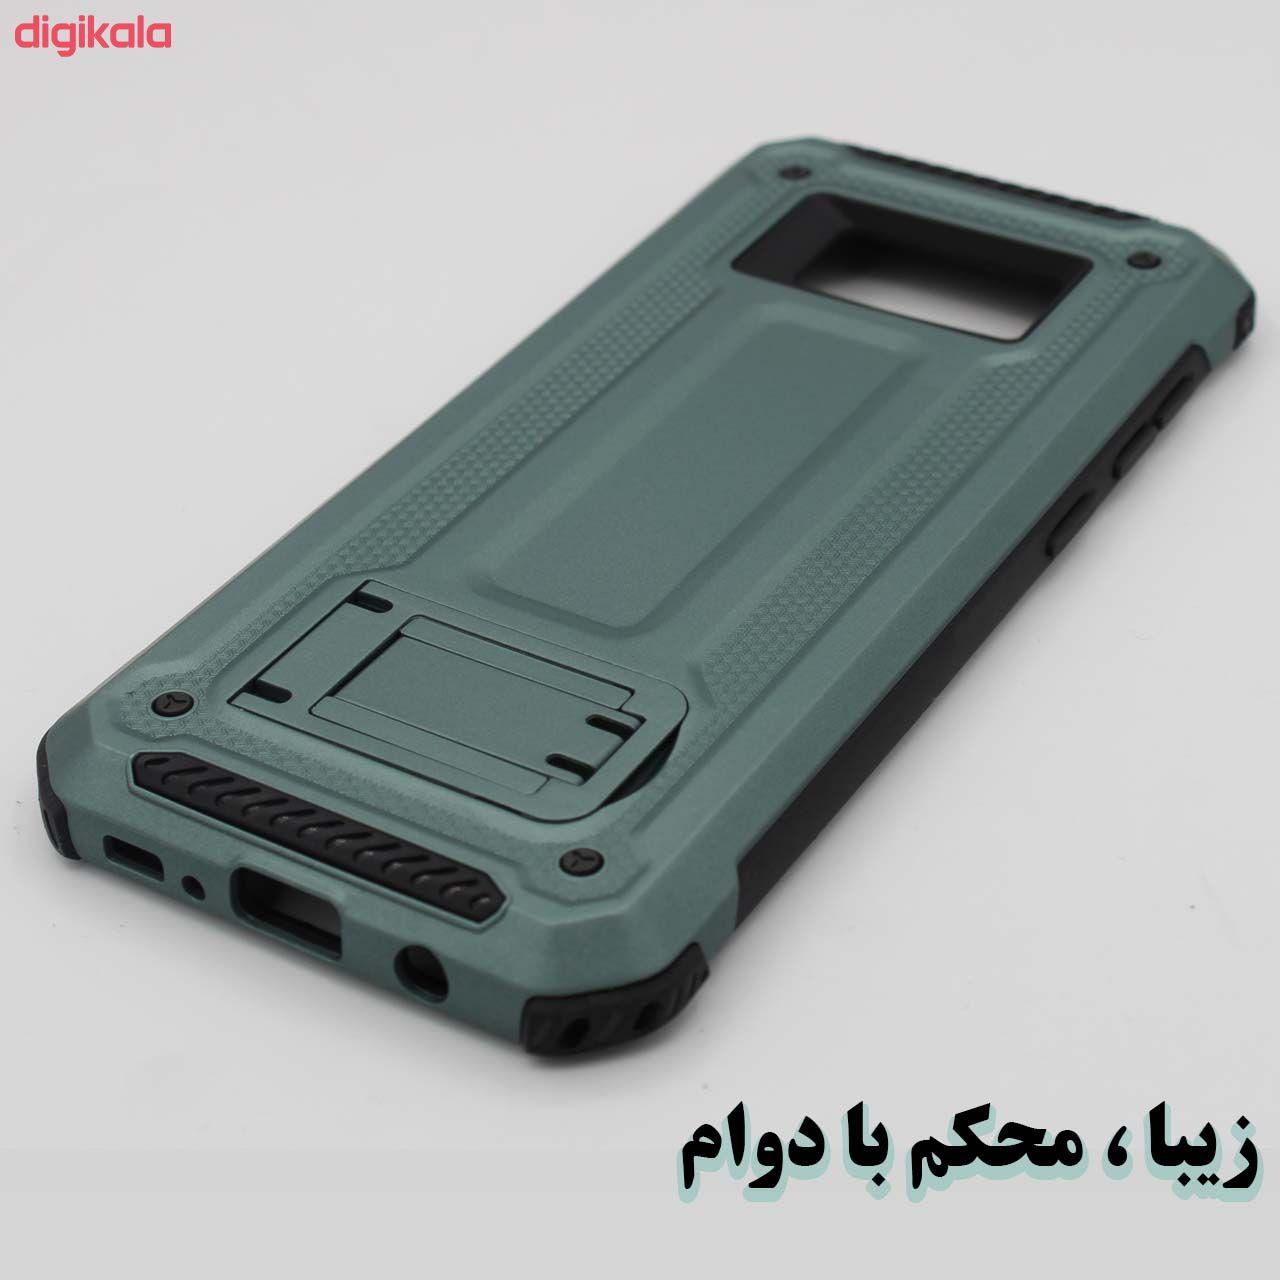 کاور کینگ پاور مدل W21 مناسب برای گوشی موبایل سامسونگ Galaxy S8 main 1 4